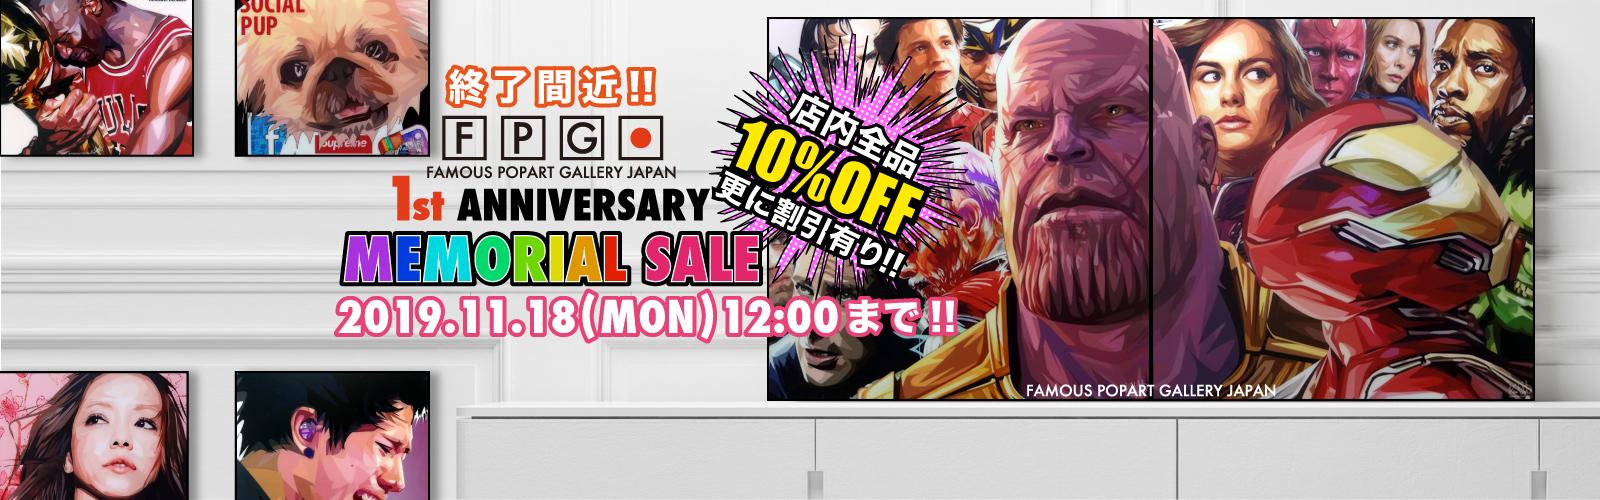 ポップアートパネル/ポップアートフレームの専門通販サイトFPGJ1周年記念セール